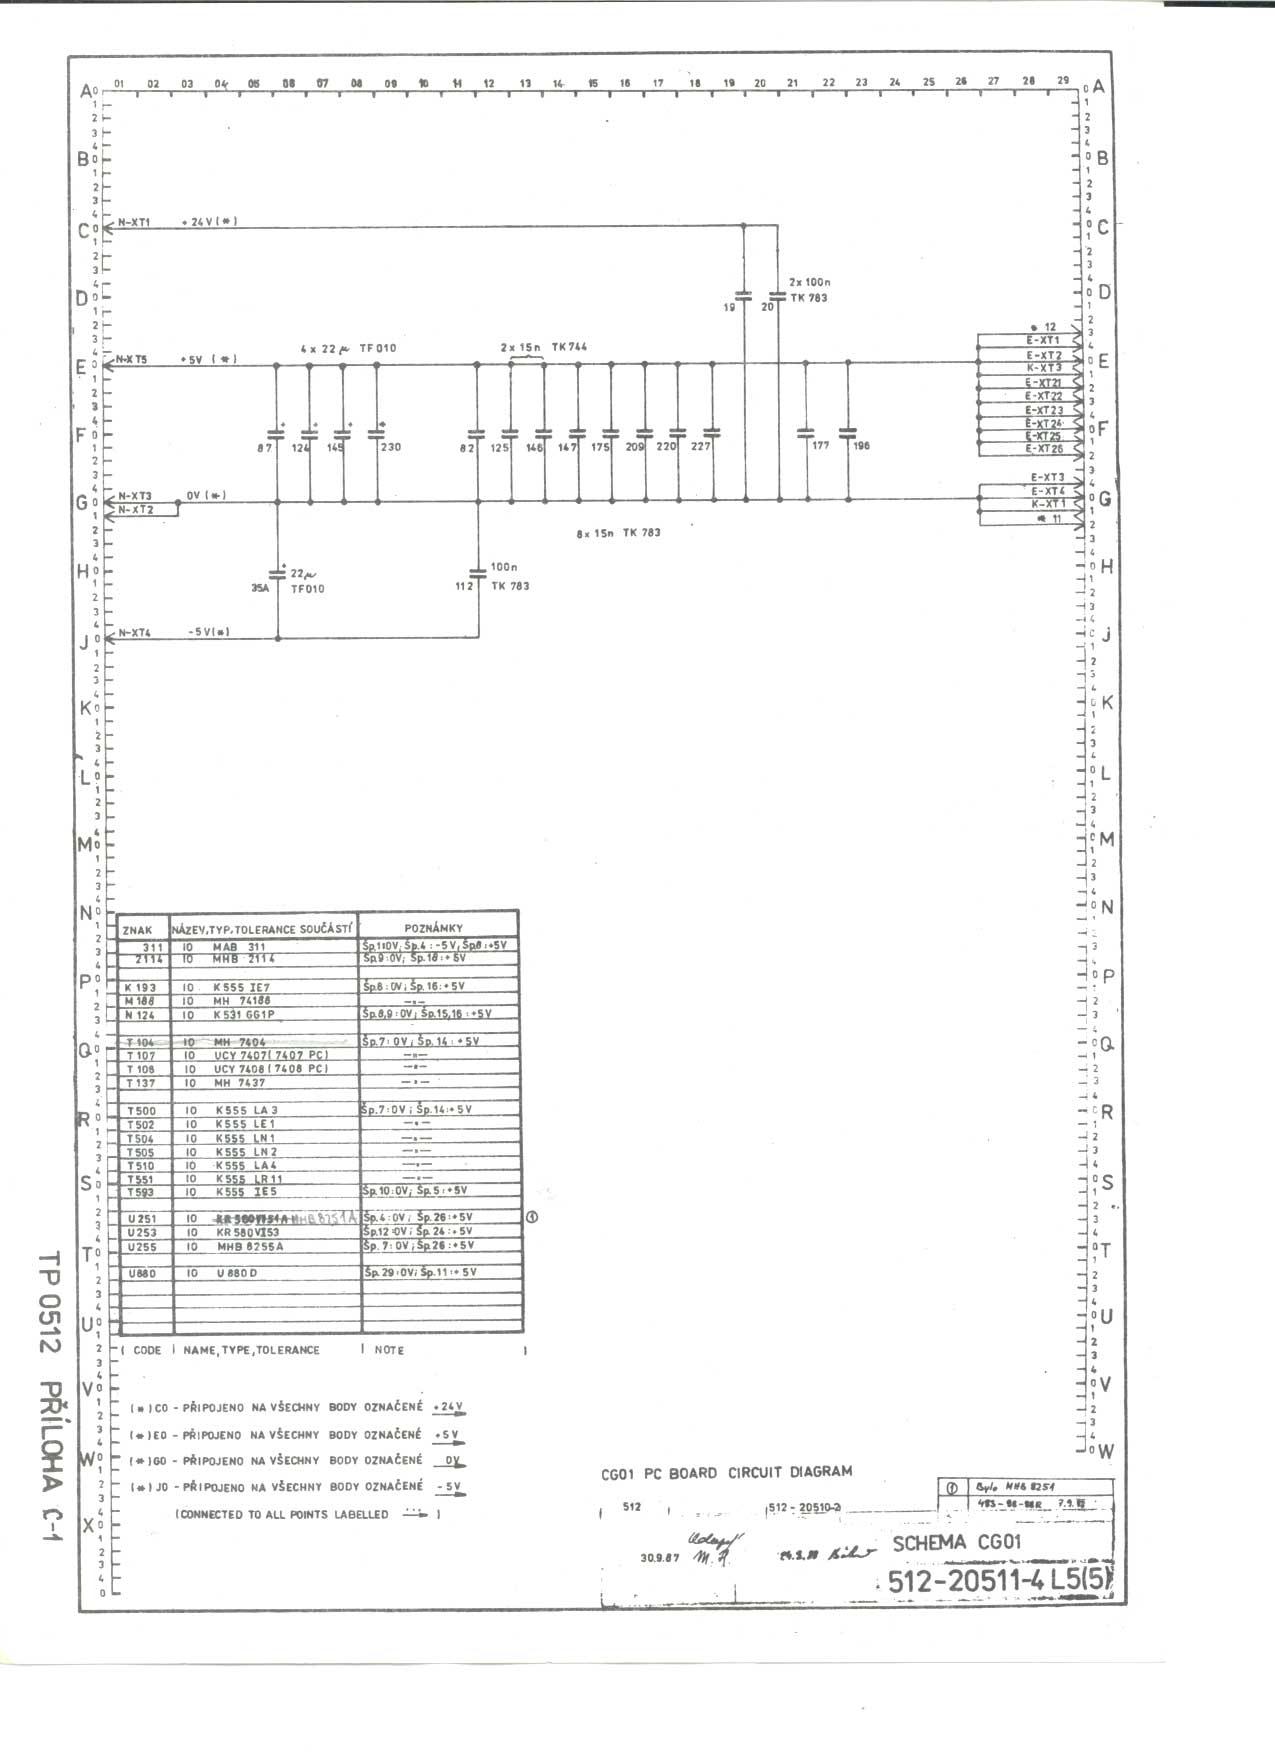 ... procesorová deska edadbf8e7e3